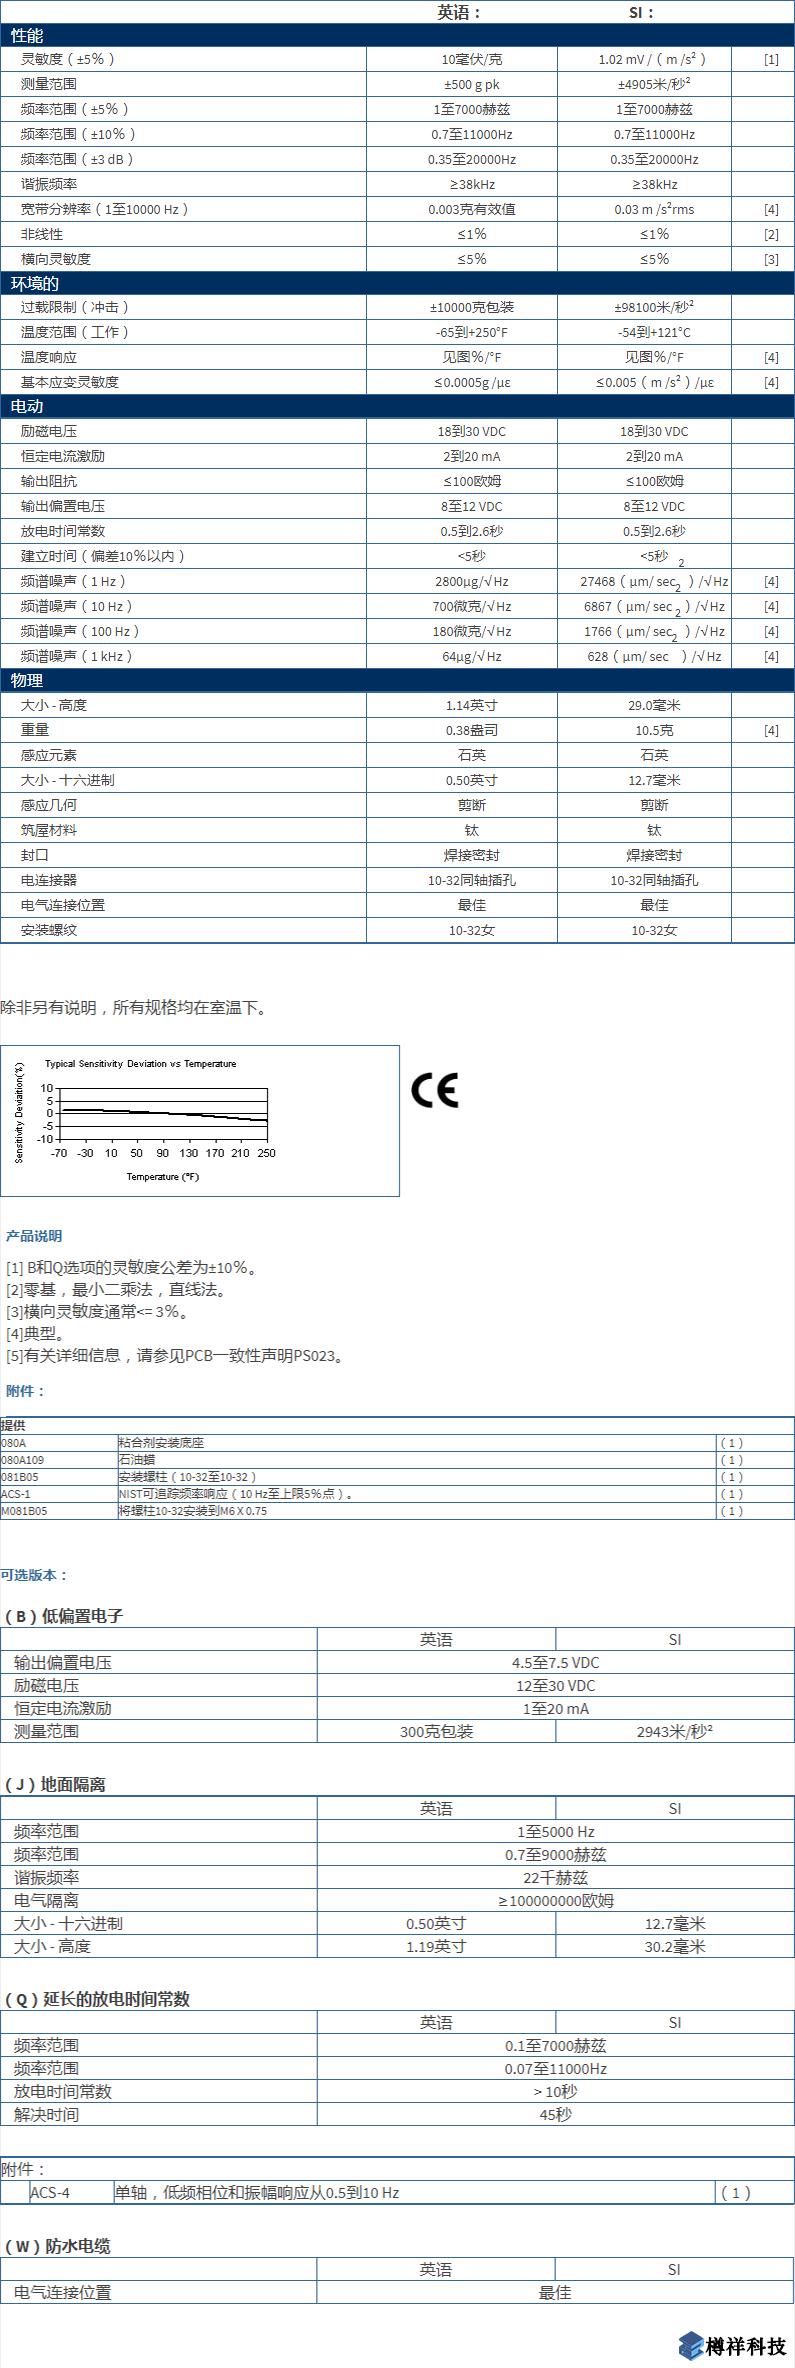 美***进口PCB三轴加速度振动传感器353B04型技术参数